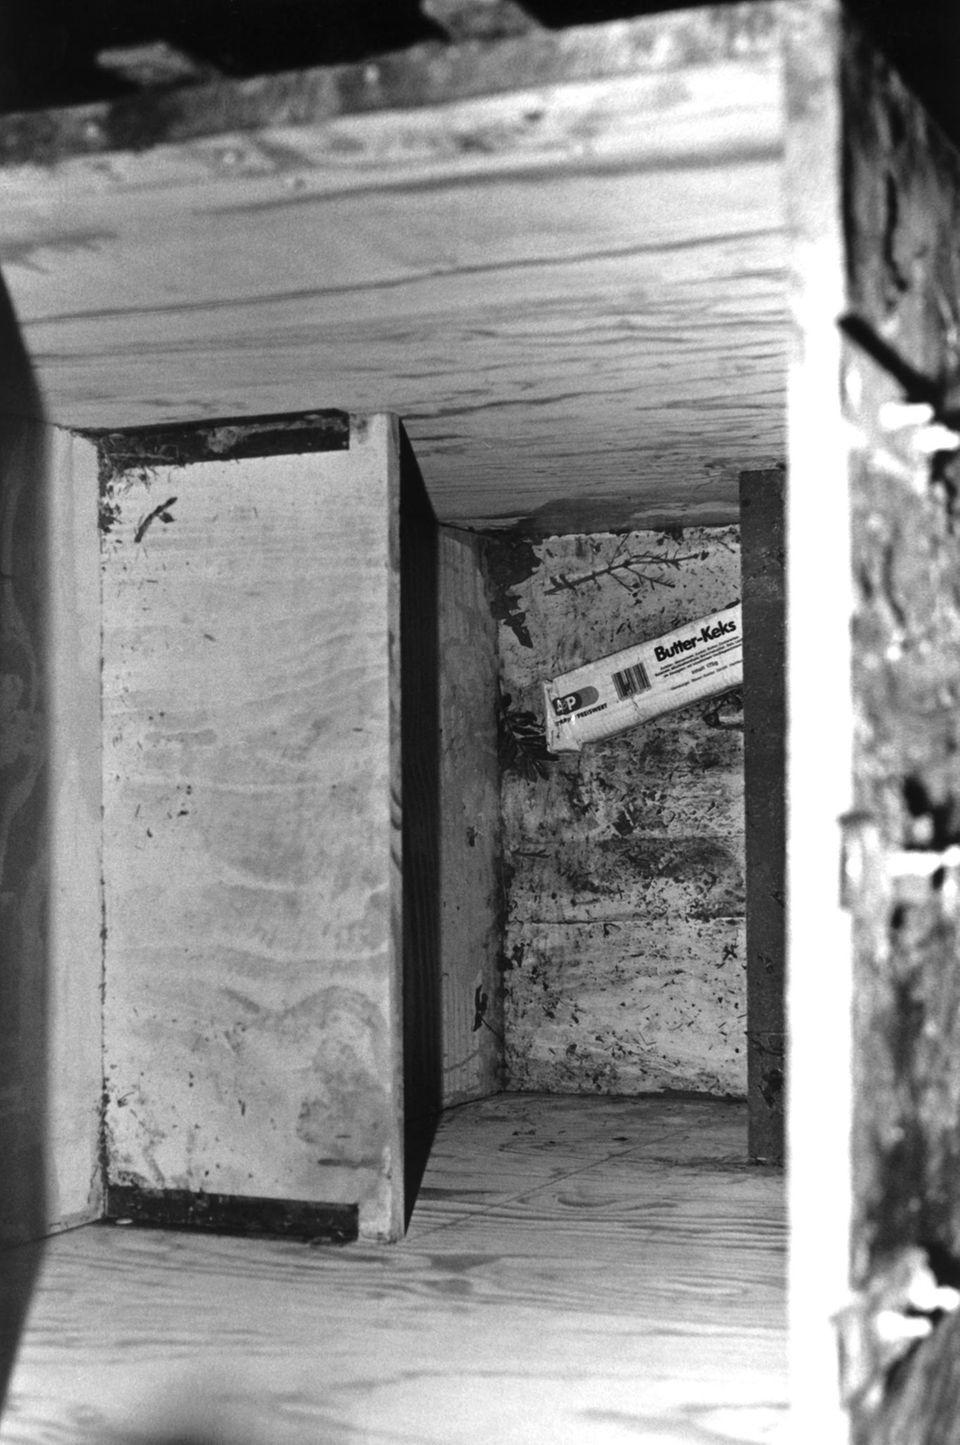 In dieser Kiste stirbt die zehnjährige Ursula Herrmann 1981